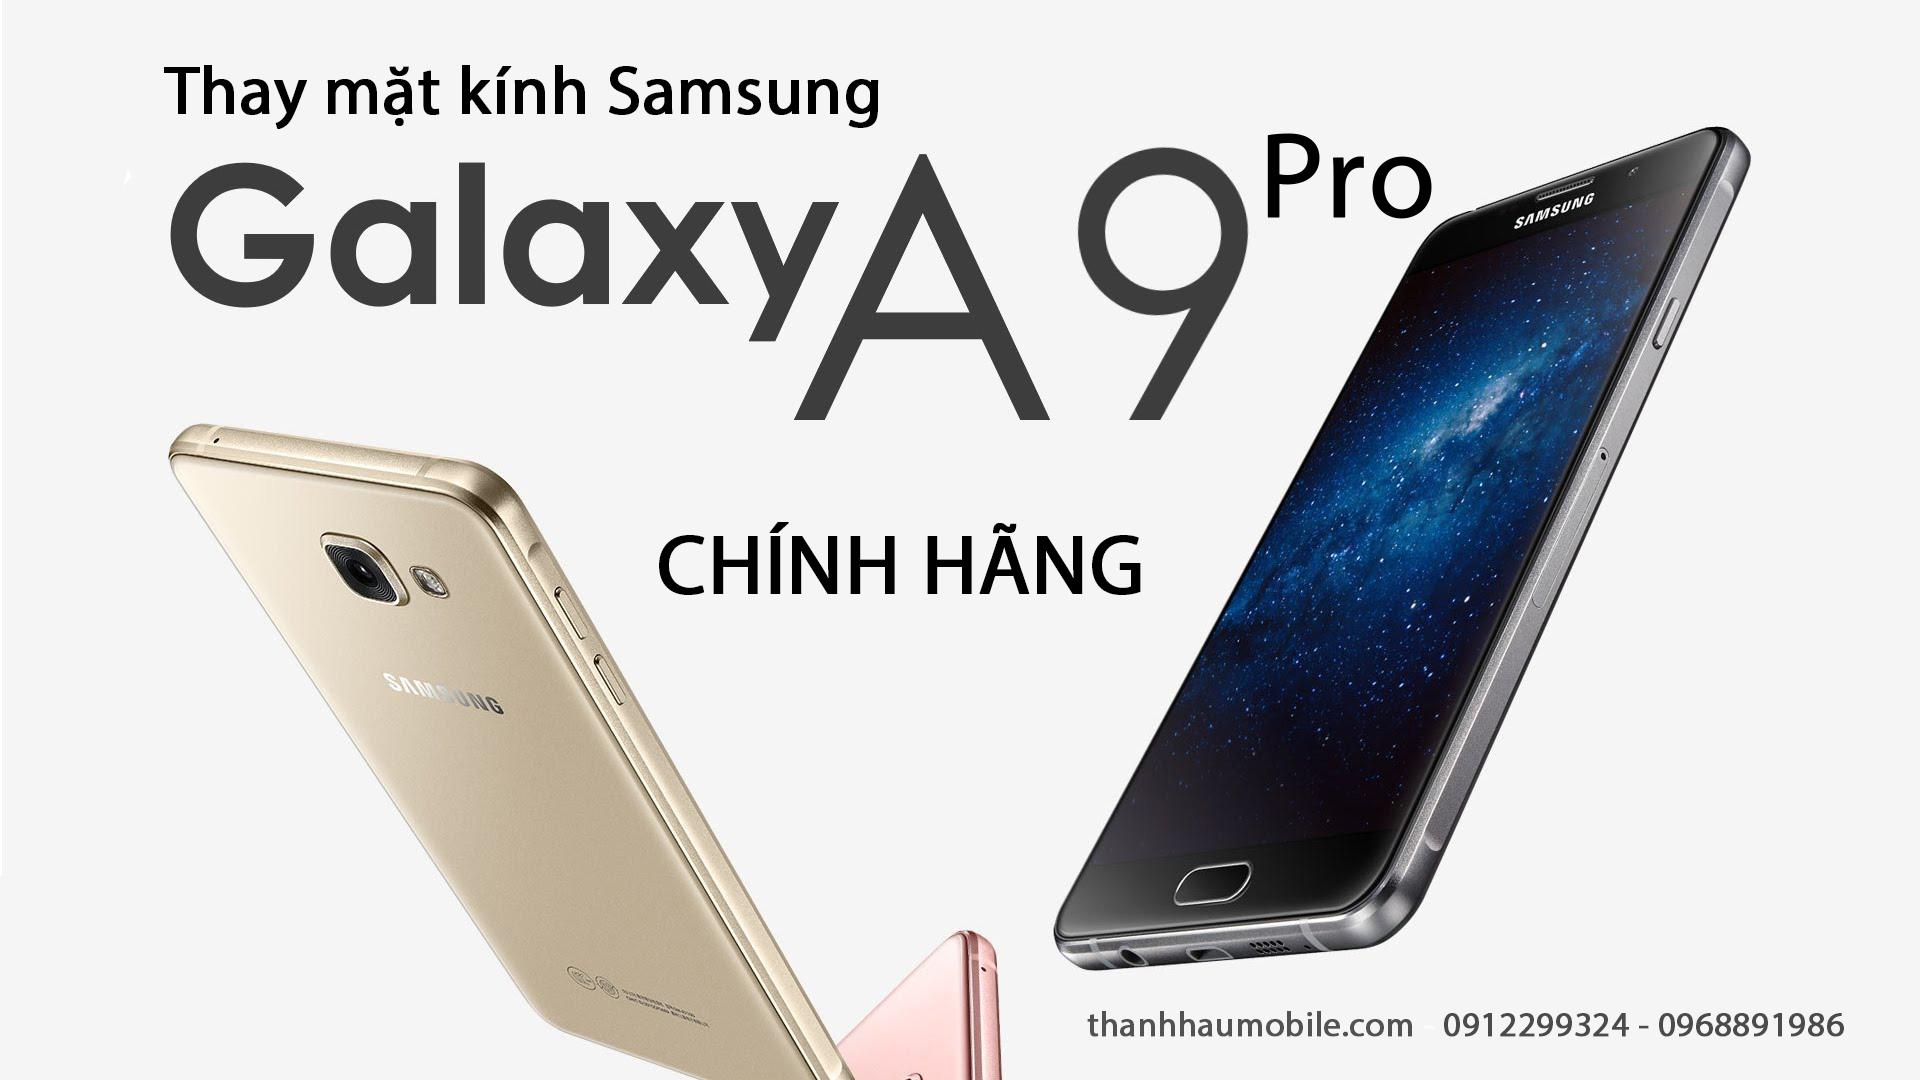 ÉP MẶT KÍNH SAMSUNG GALAXY A9 PRO 2016 | giá rẻ lấy ngay tại Hà Nội